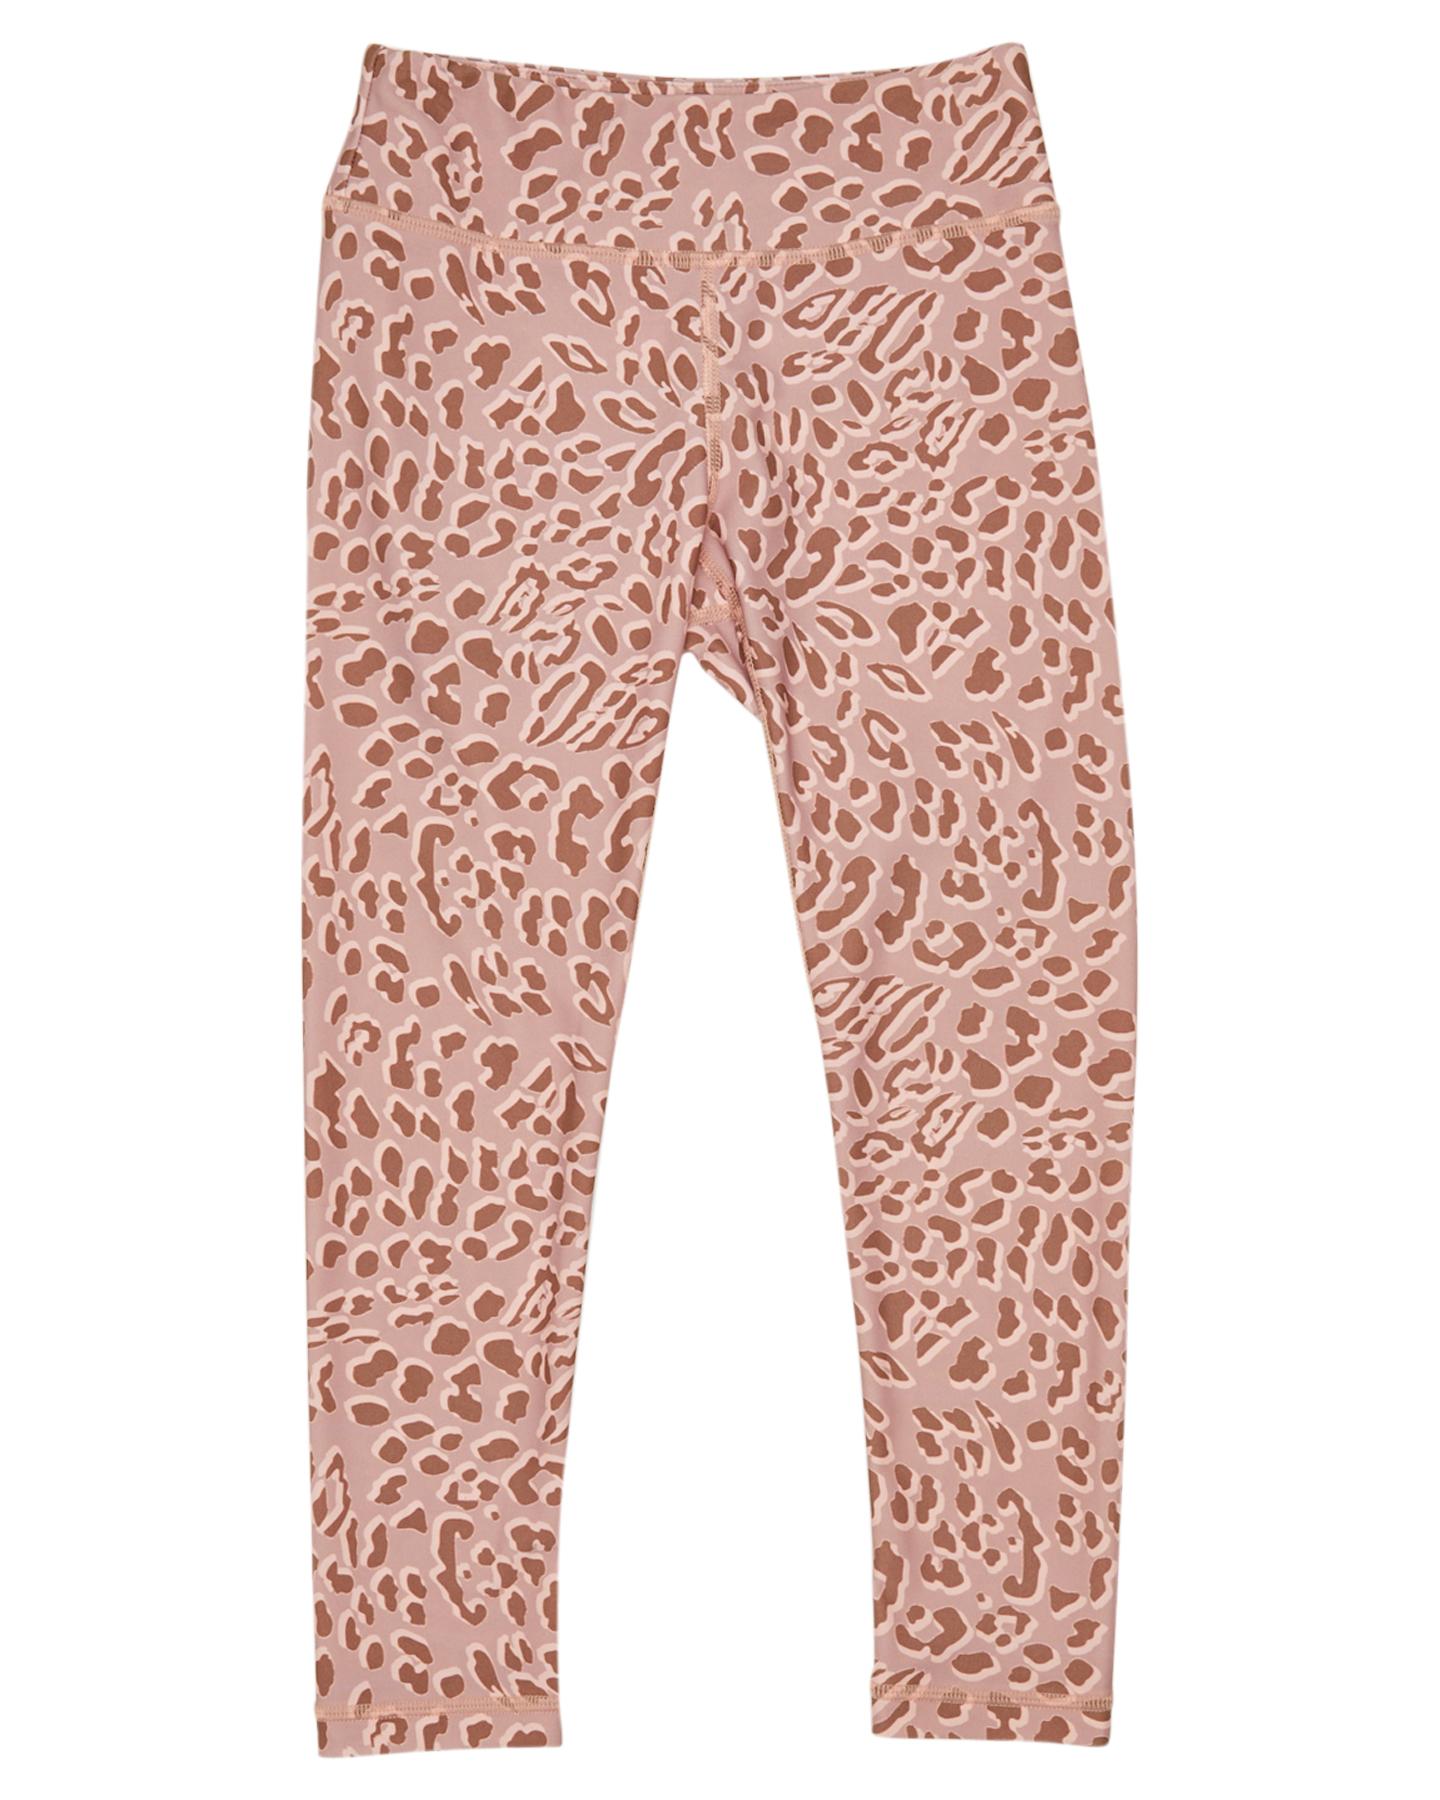 Munster Kids Girls Dusty Leopard Legging - Kids Dusty Leopard Dusty Leopard